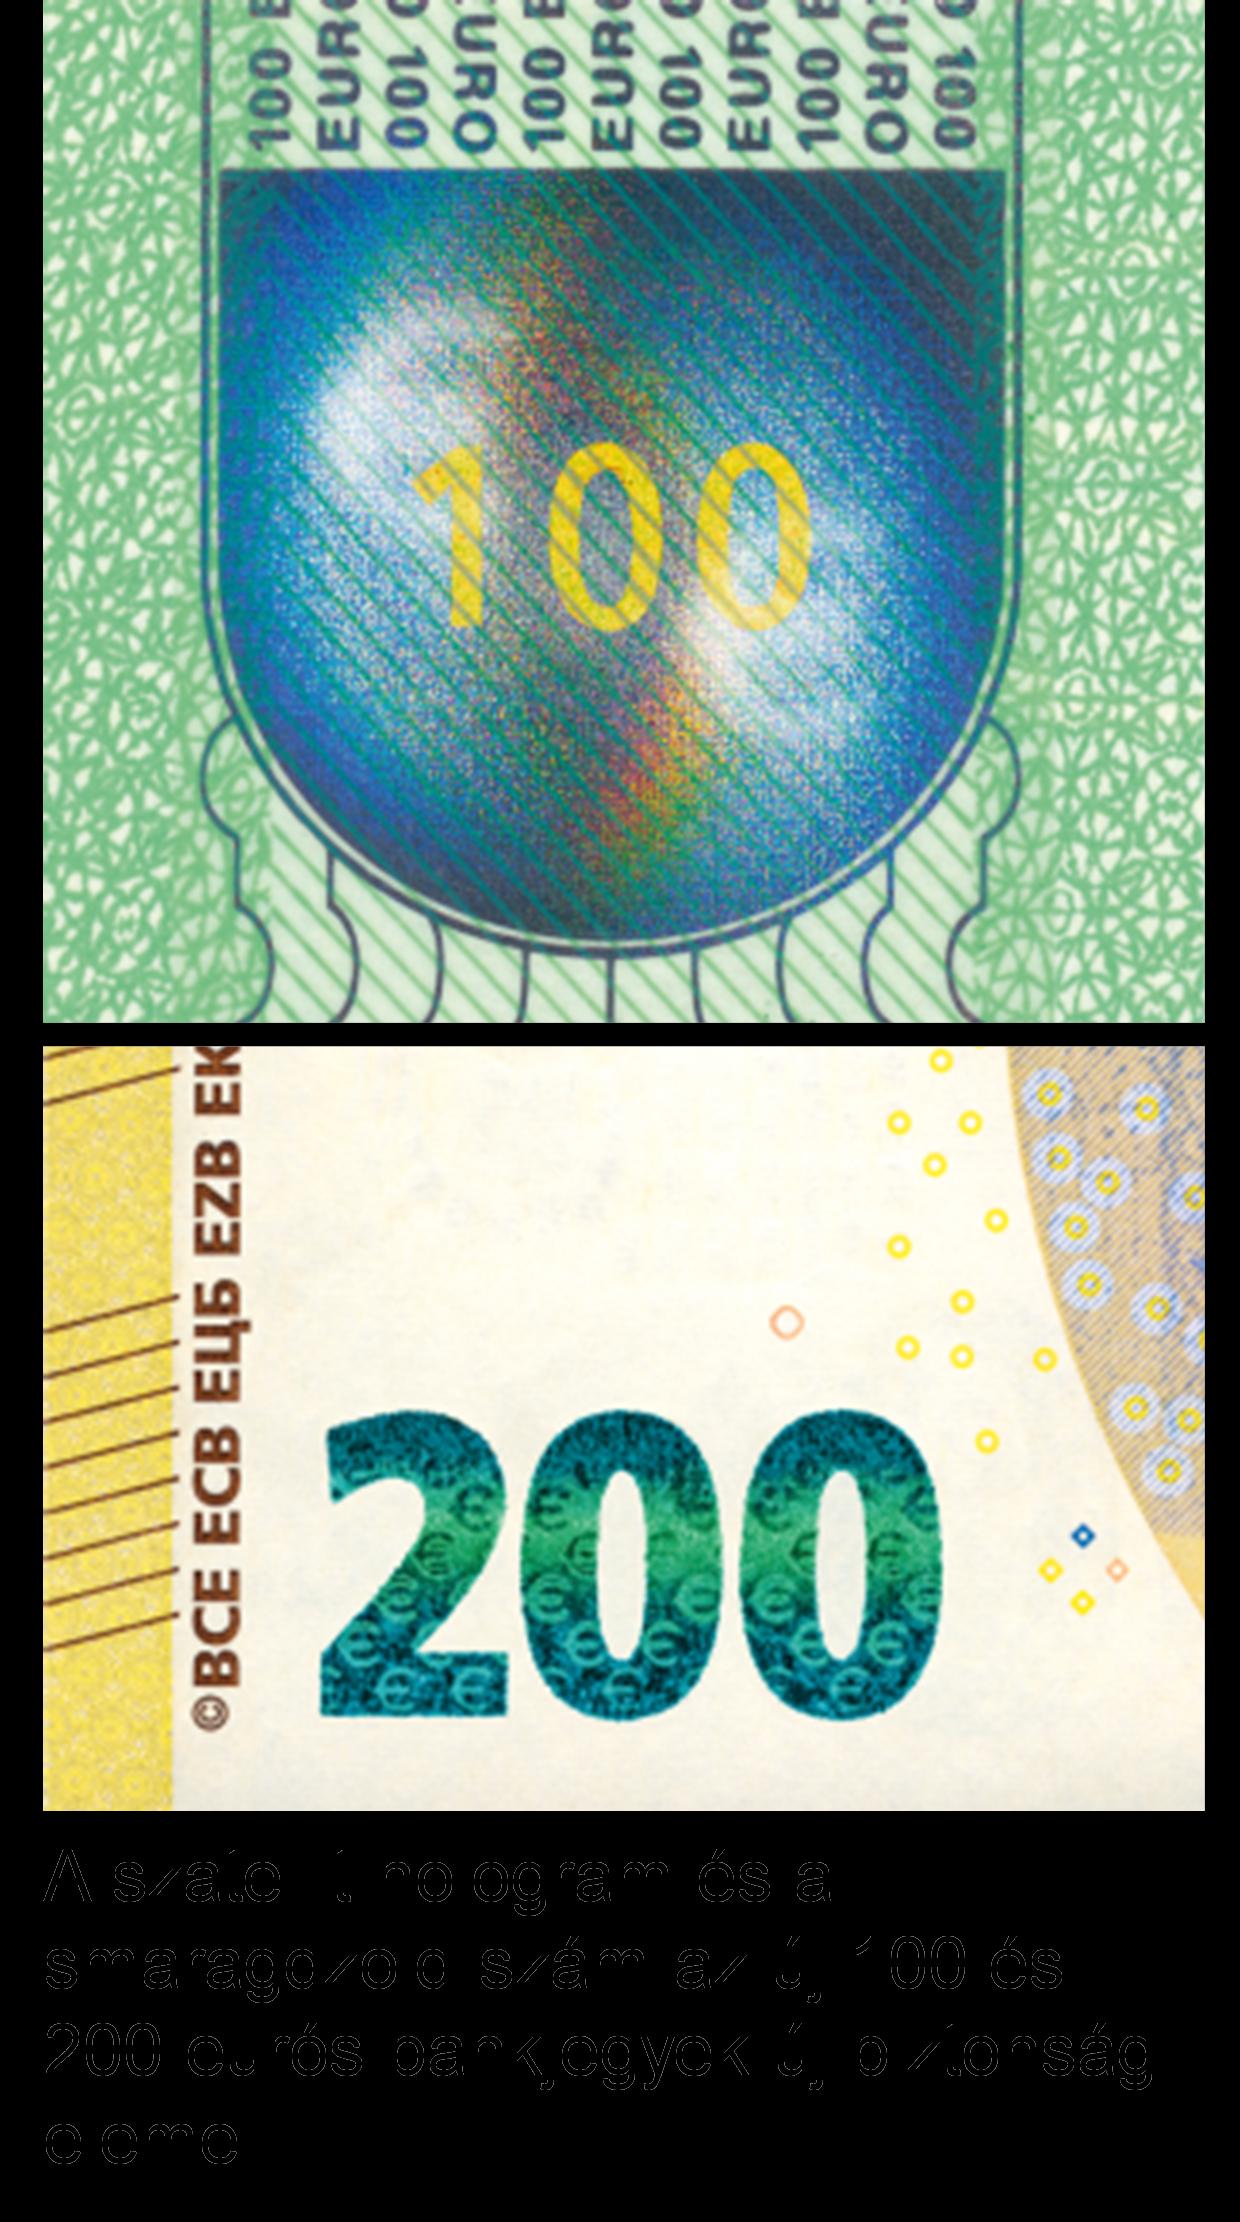 2f8e5536a134 Az EKB és az euroövezeti NKB-k tájékoztató kampányt folytattak, hogy  felkészítsék a nagyközönséget és a hivatásos készpénzkezelőket az új 100  €-s és 200 €-s ...